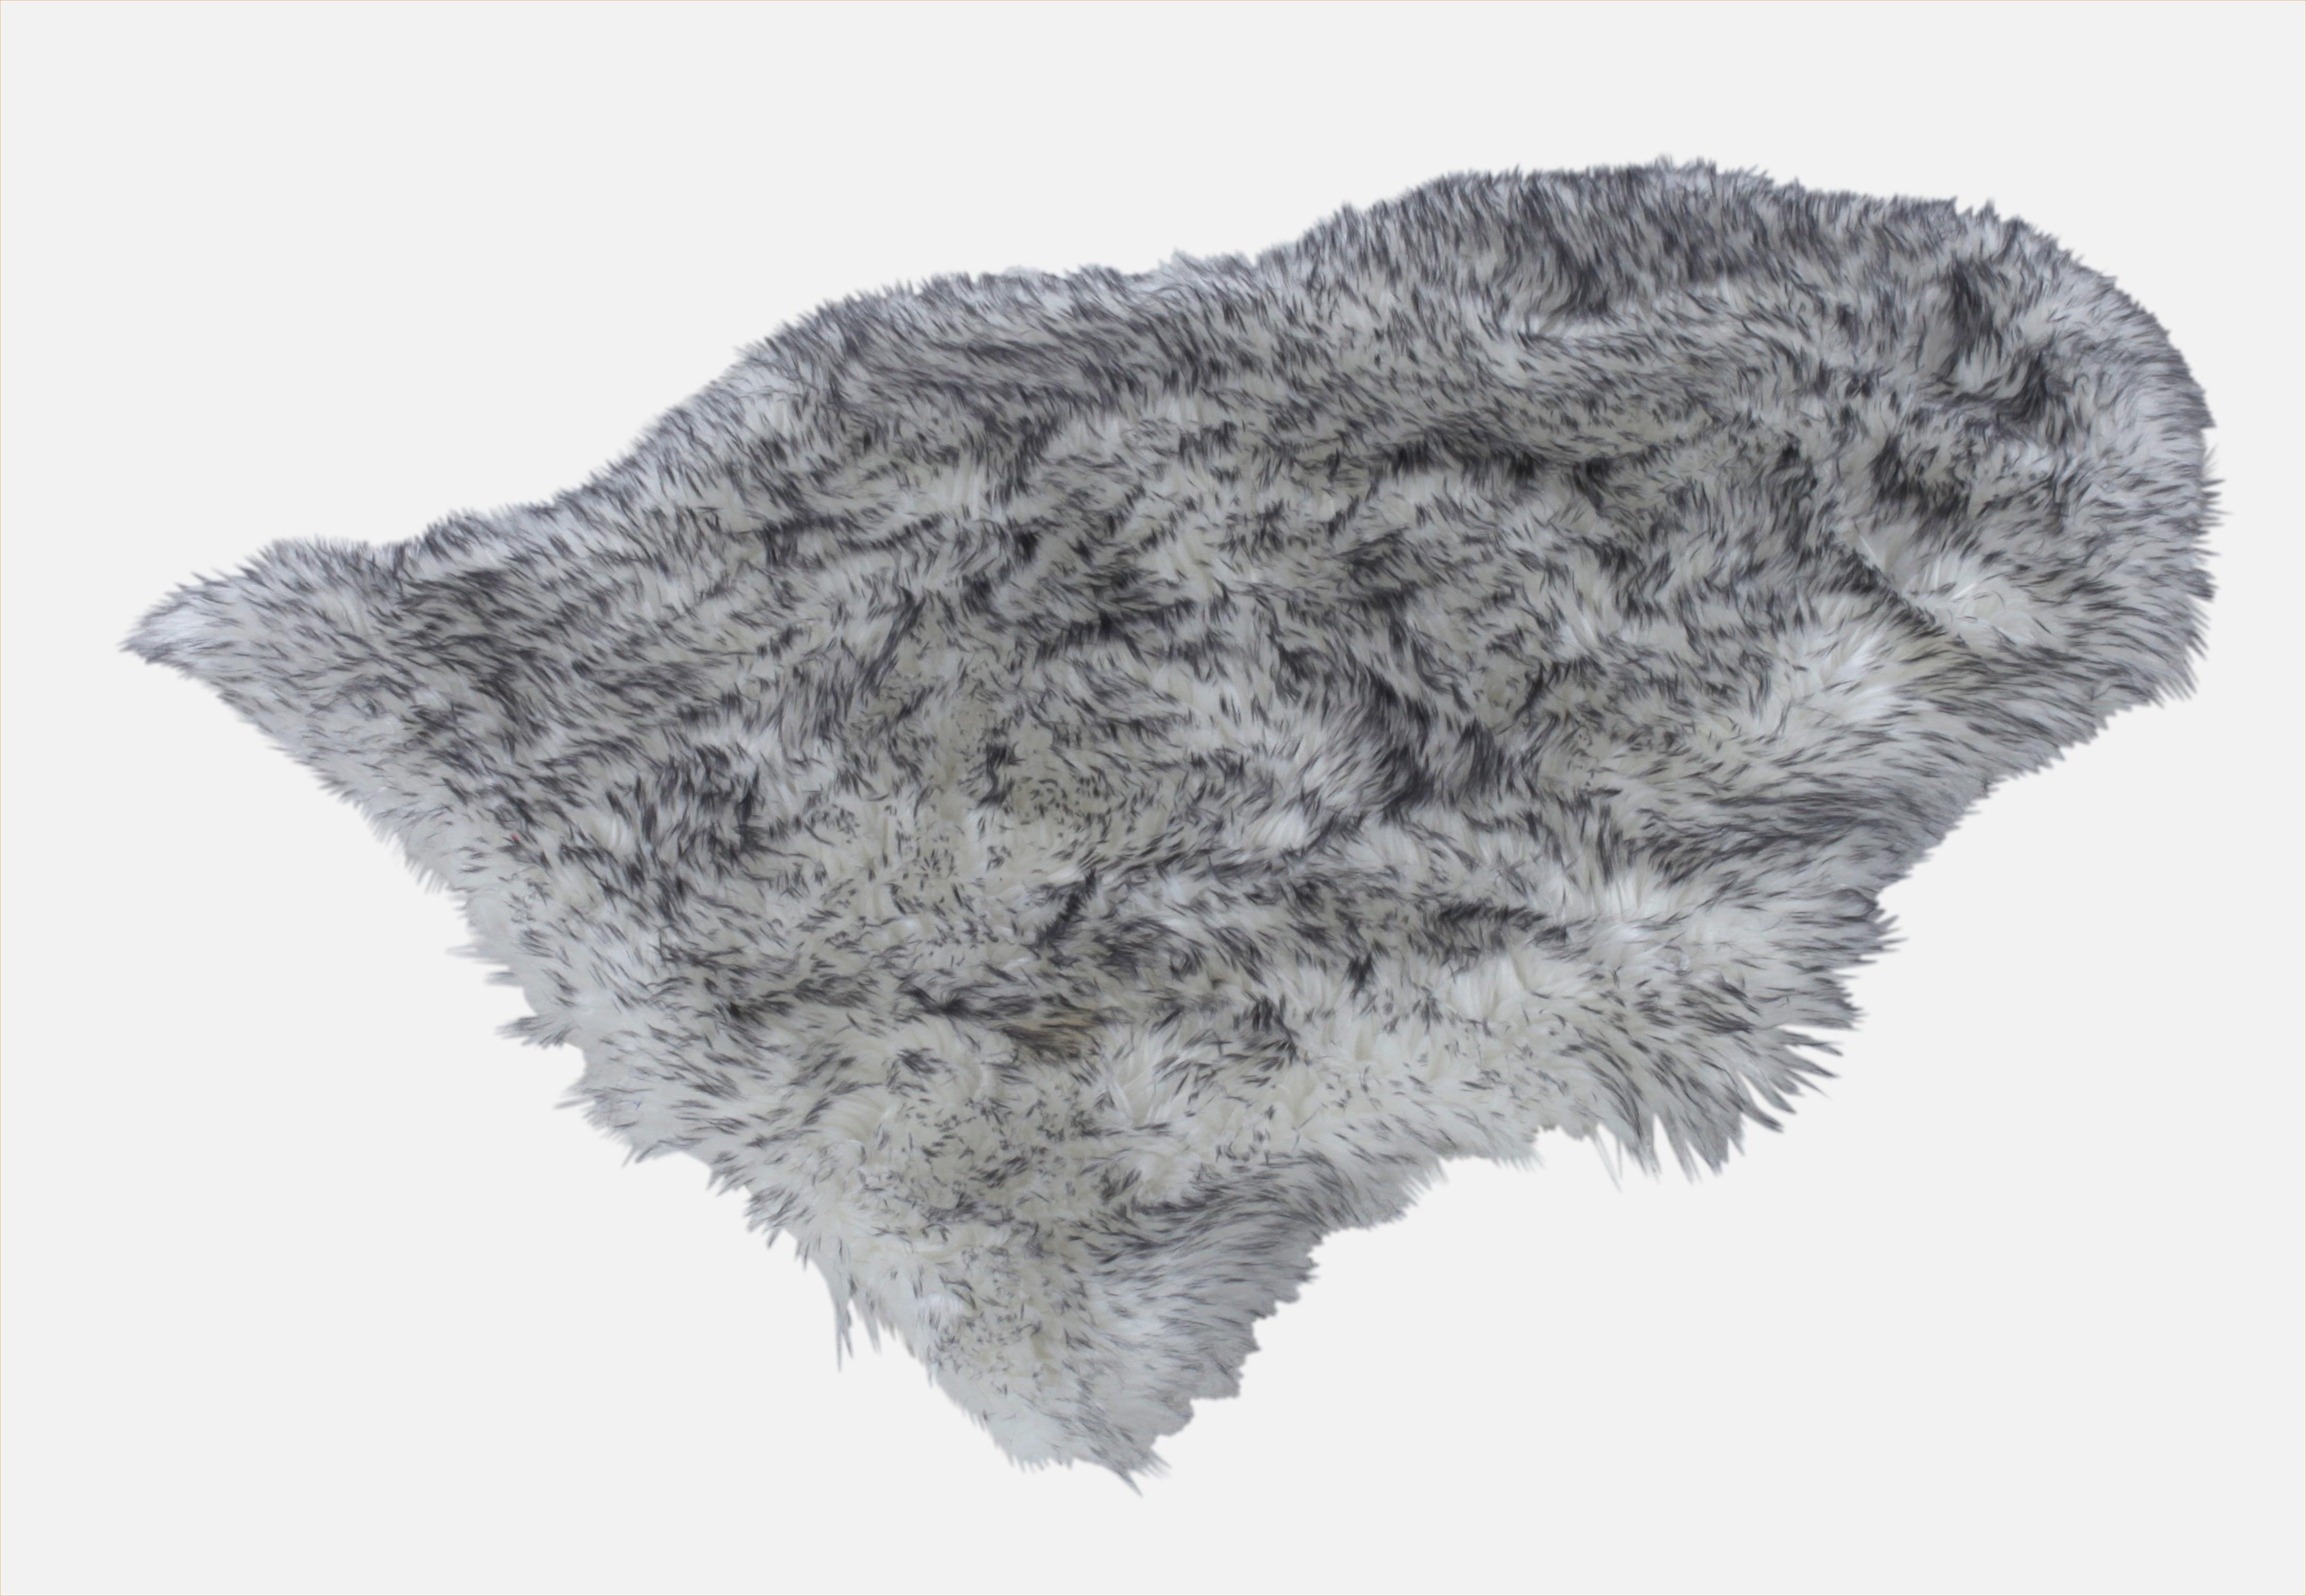 Tapis De Bain Antidérapant Gifi Beau Photos Résultat Supérieur 60 Merveilleux Tapis 200 X 300 S 2018 Hdj5